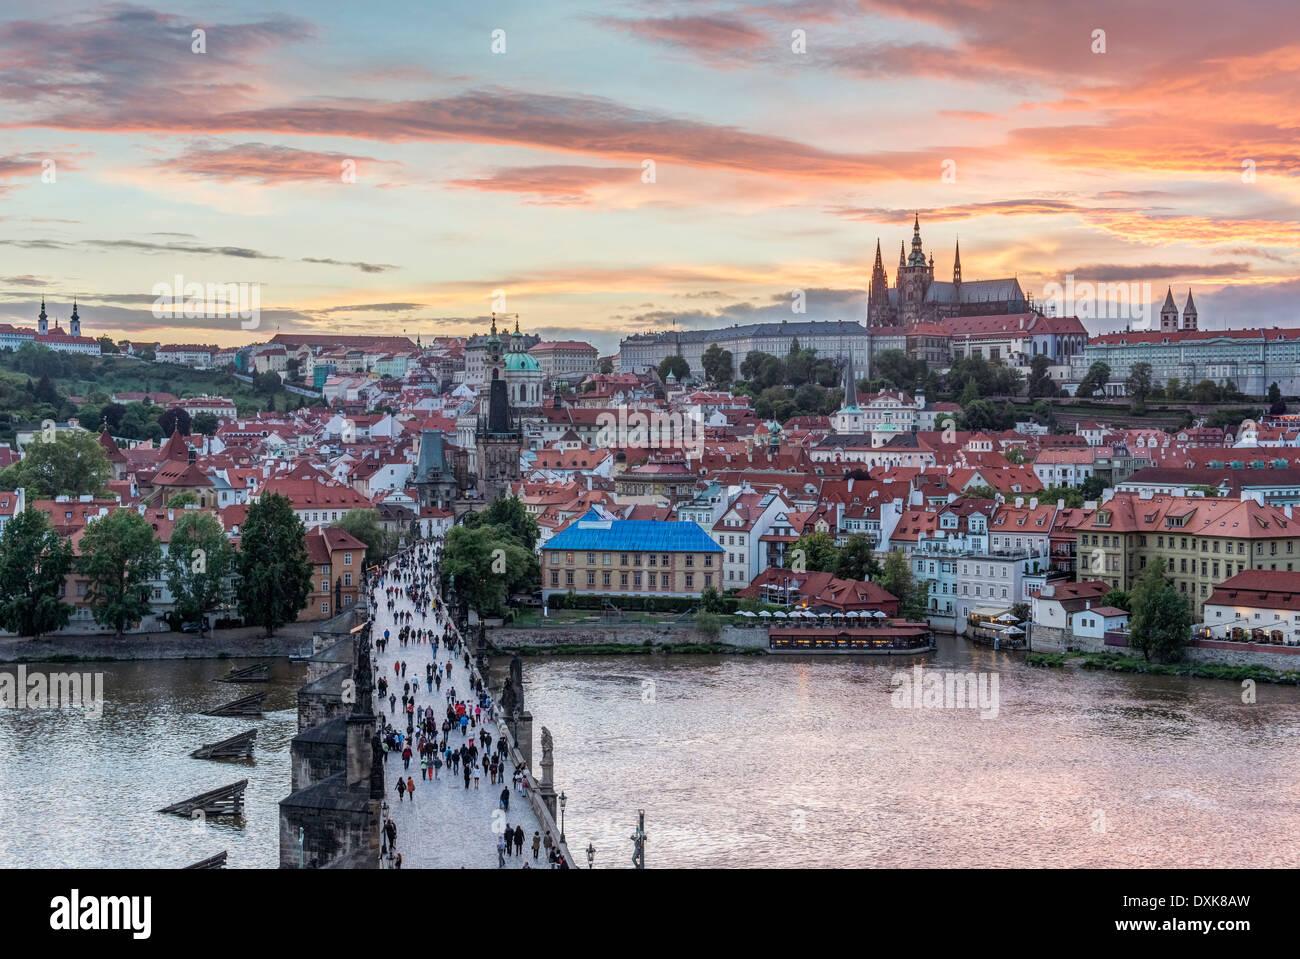 Puente de Carlos, el Castillo de Praga y la ciudad al atardecer, Praga, República Checa Foto de stock